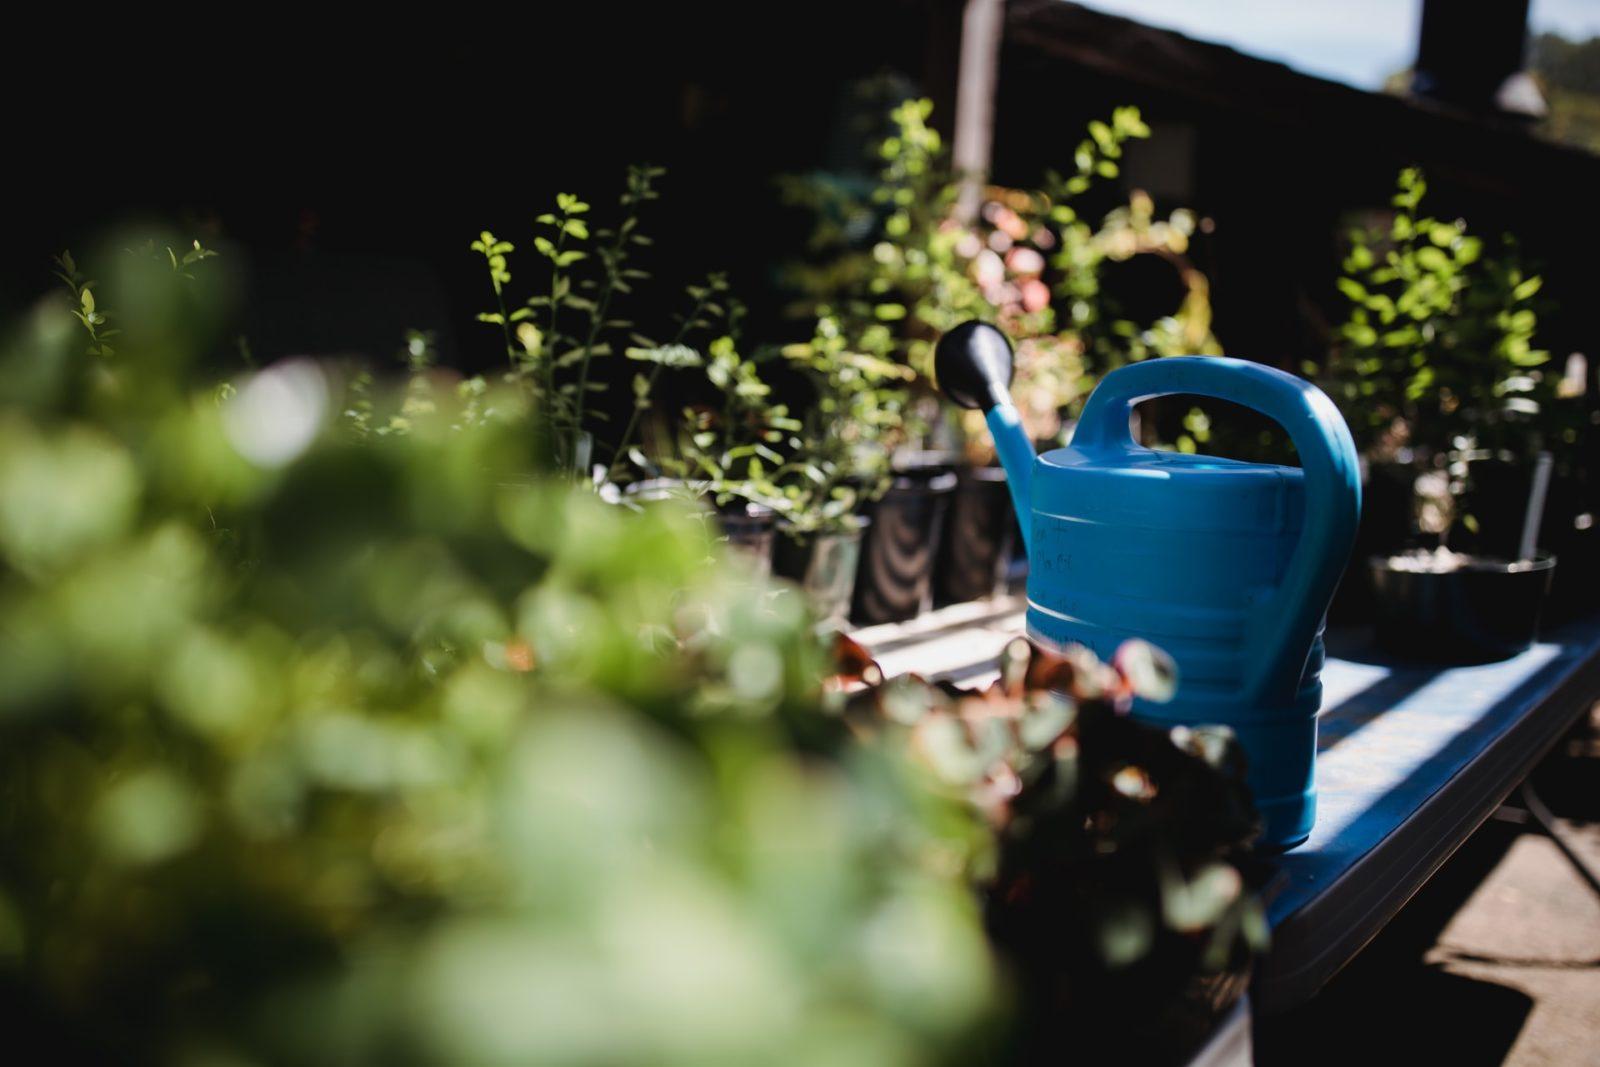 jak podlewać rośliny doniczkowe? podlewanie roślin doniczkowych